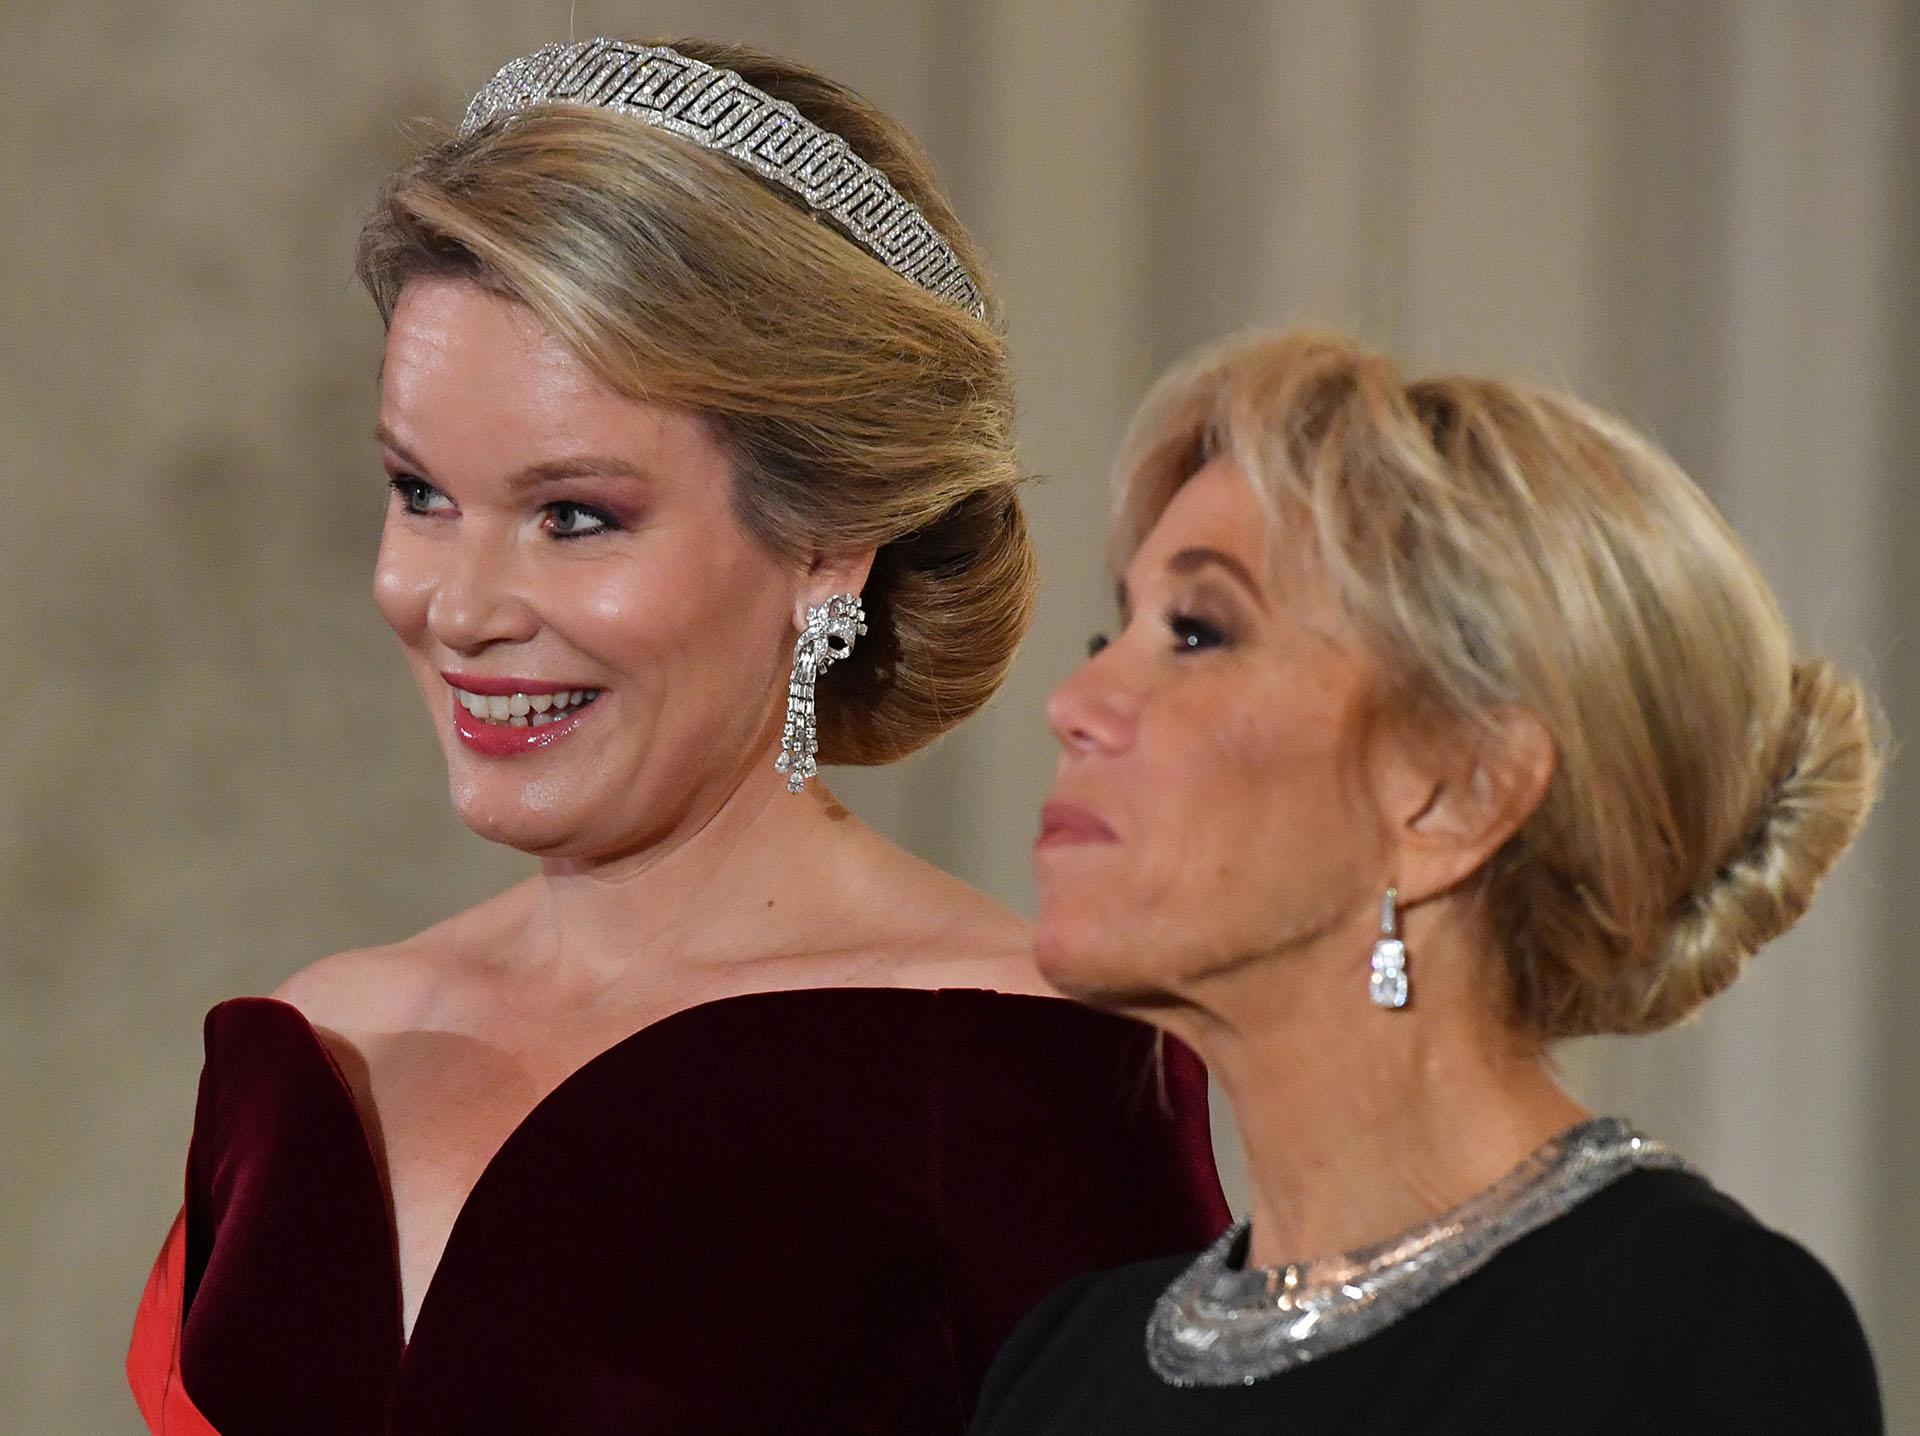 Ambas mujeres eligieron delicados peinados recogidos